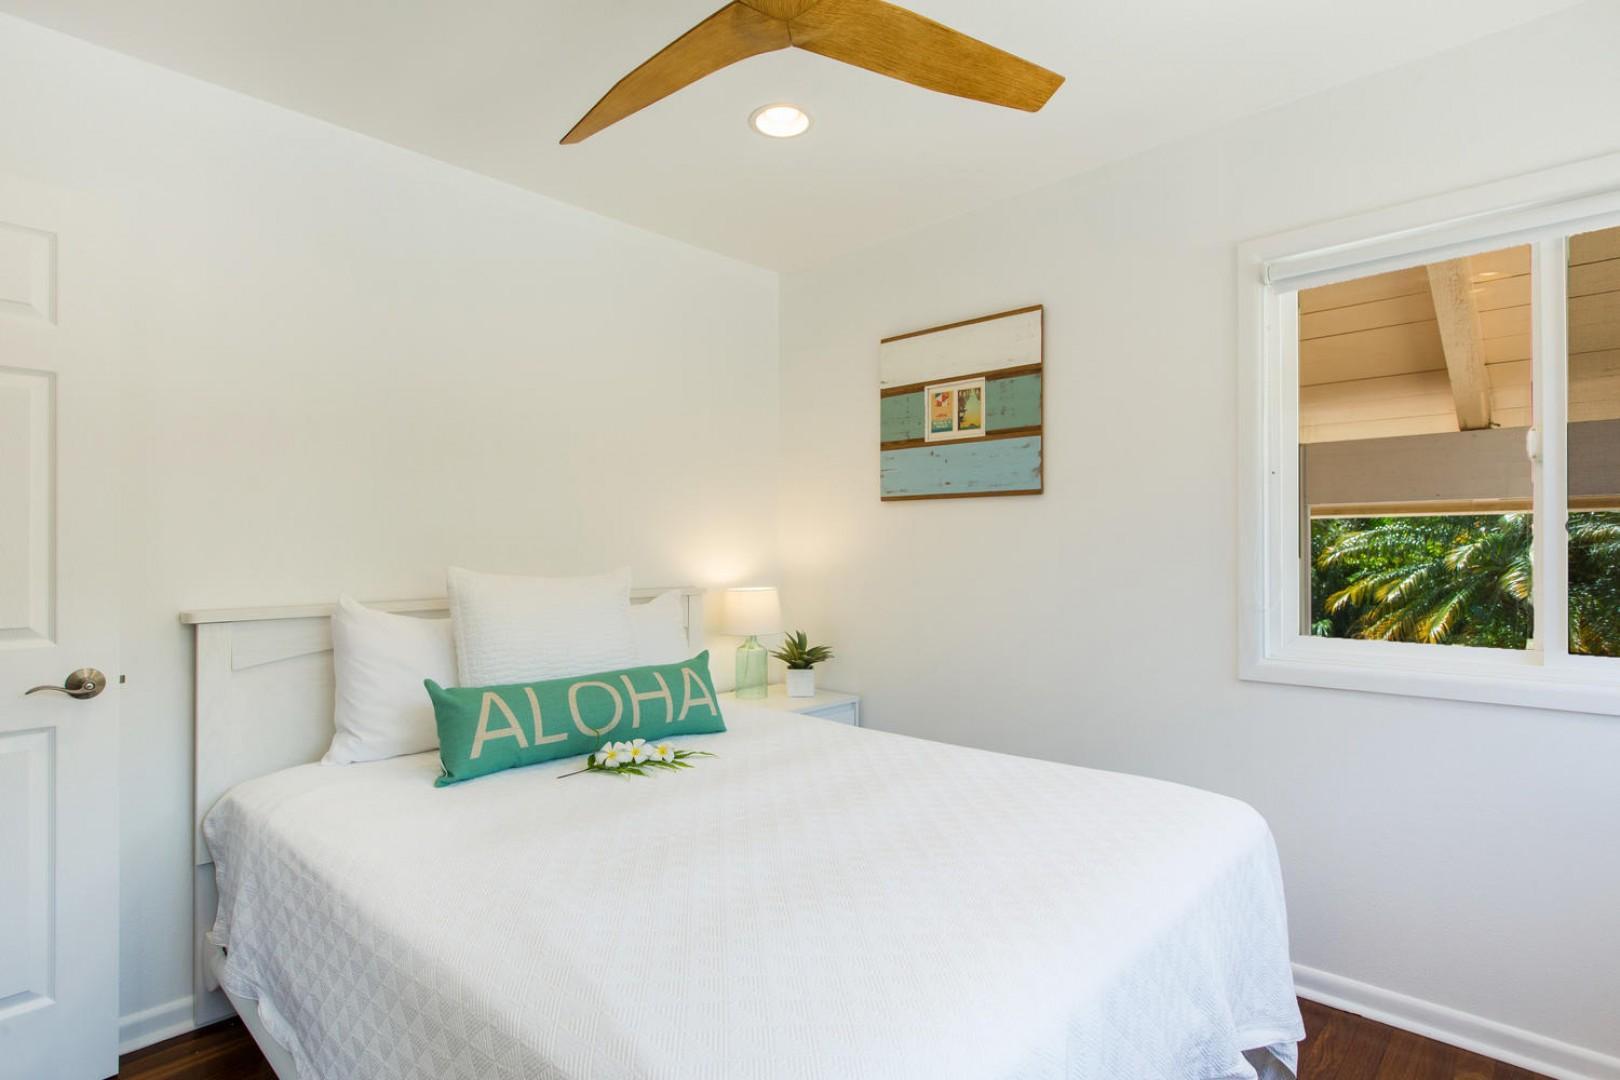 Queen bedroom #1 with nice, clean aloha design.